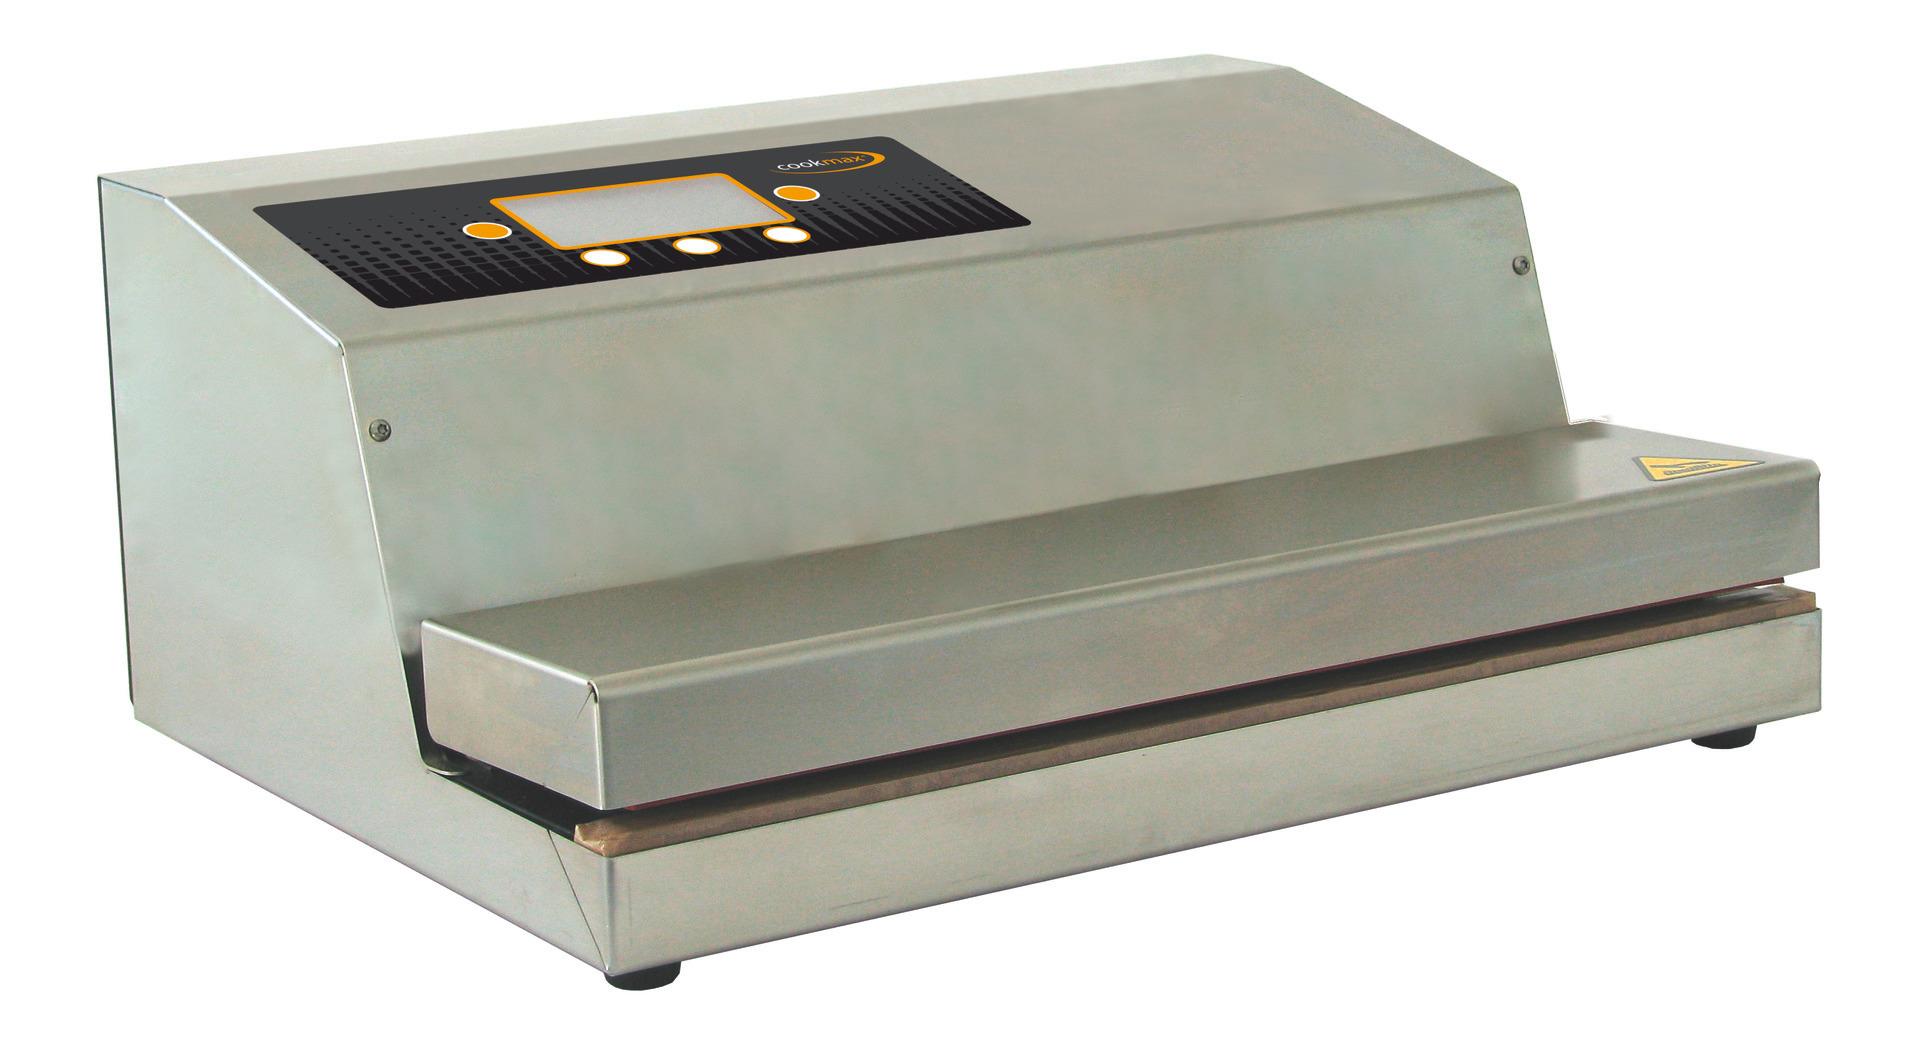 Vakuumiergerät 1,0 m³/h auto. Schweißung Schweißbalken 330 mm, 390 x 260 x 130 mm